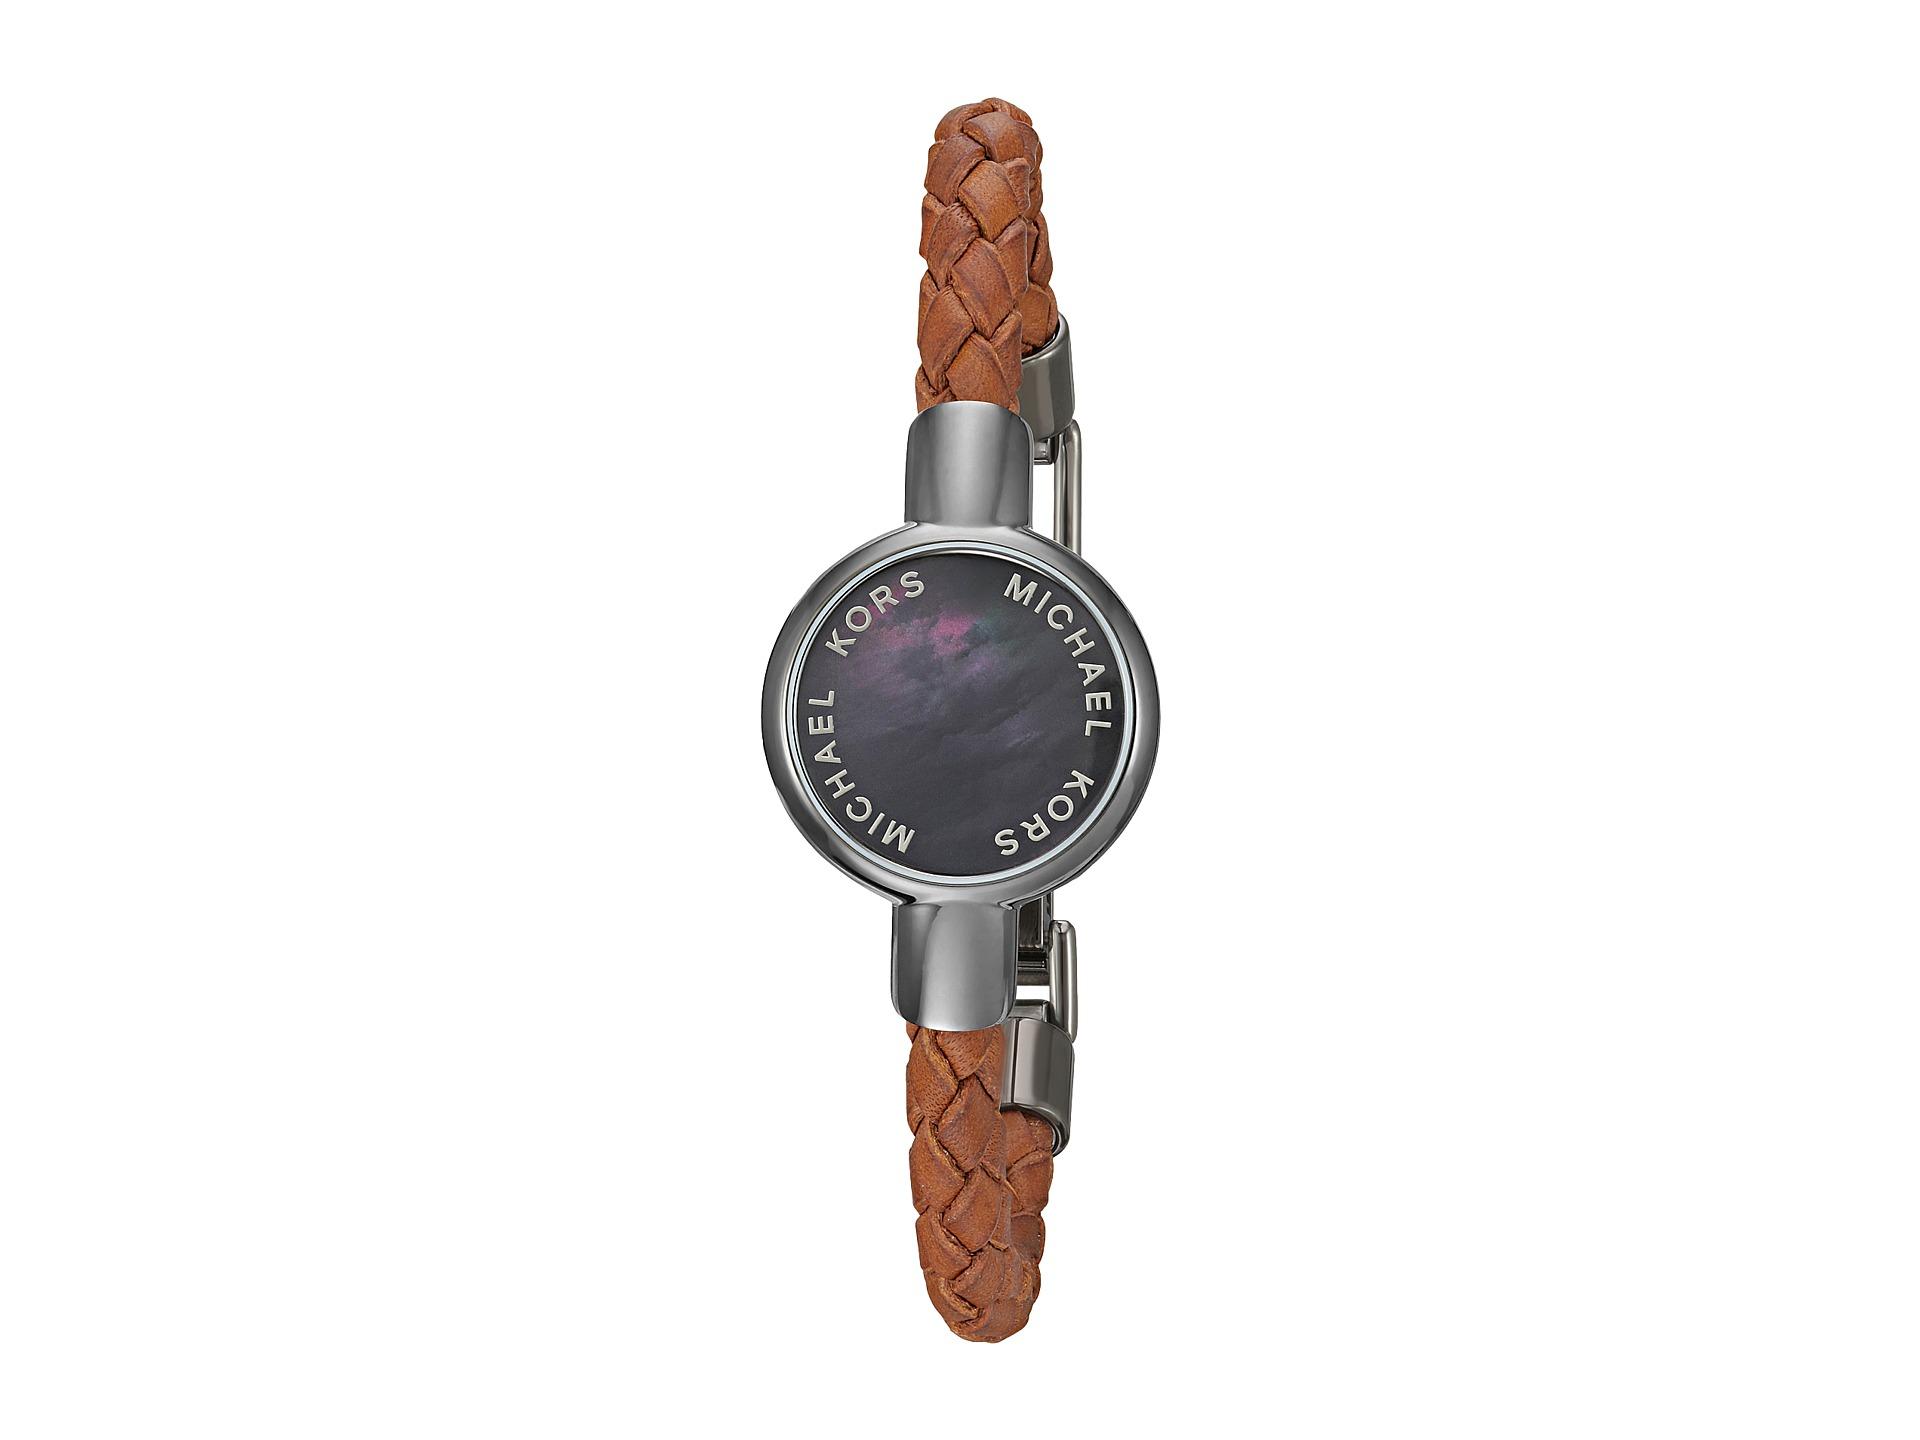 michael kors access leather tracker bracelet. Black Bedroom Furniture Sets. Home Design Ideas